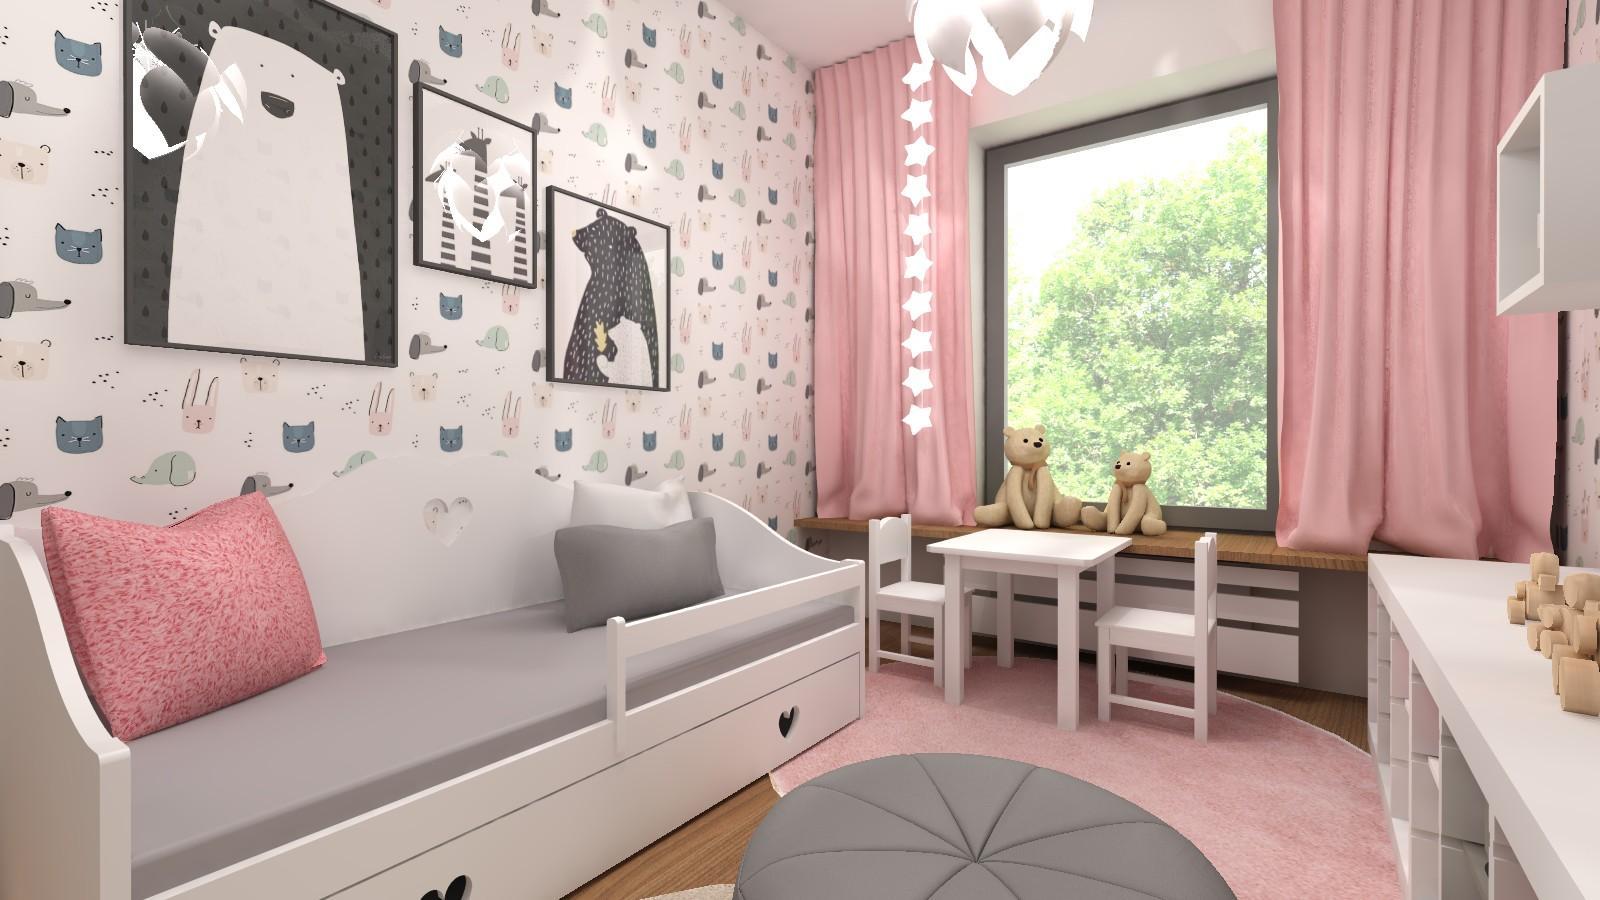 bialo-rozowy-pokoj-dziewczynki-z-tapeta-i-meblami-z-ikei-lozko-z-szufladami